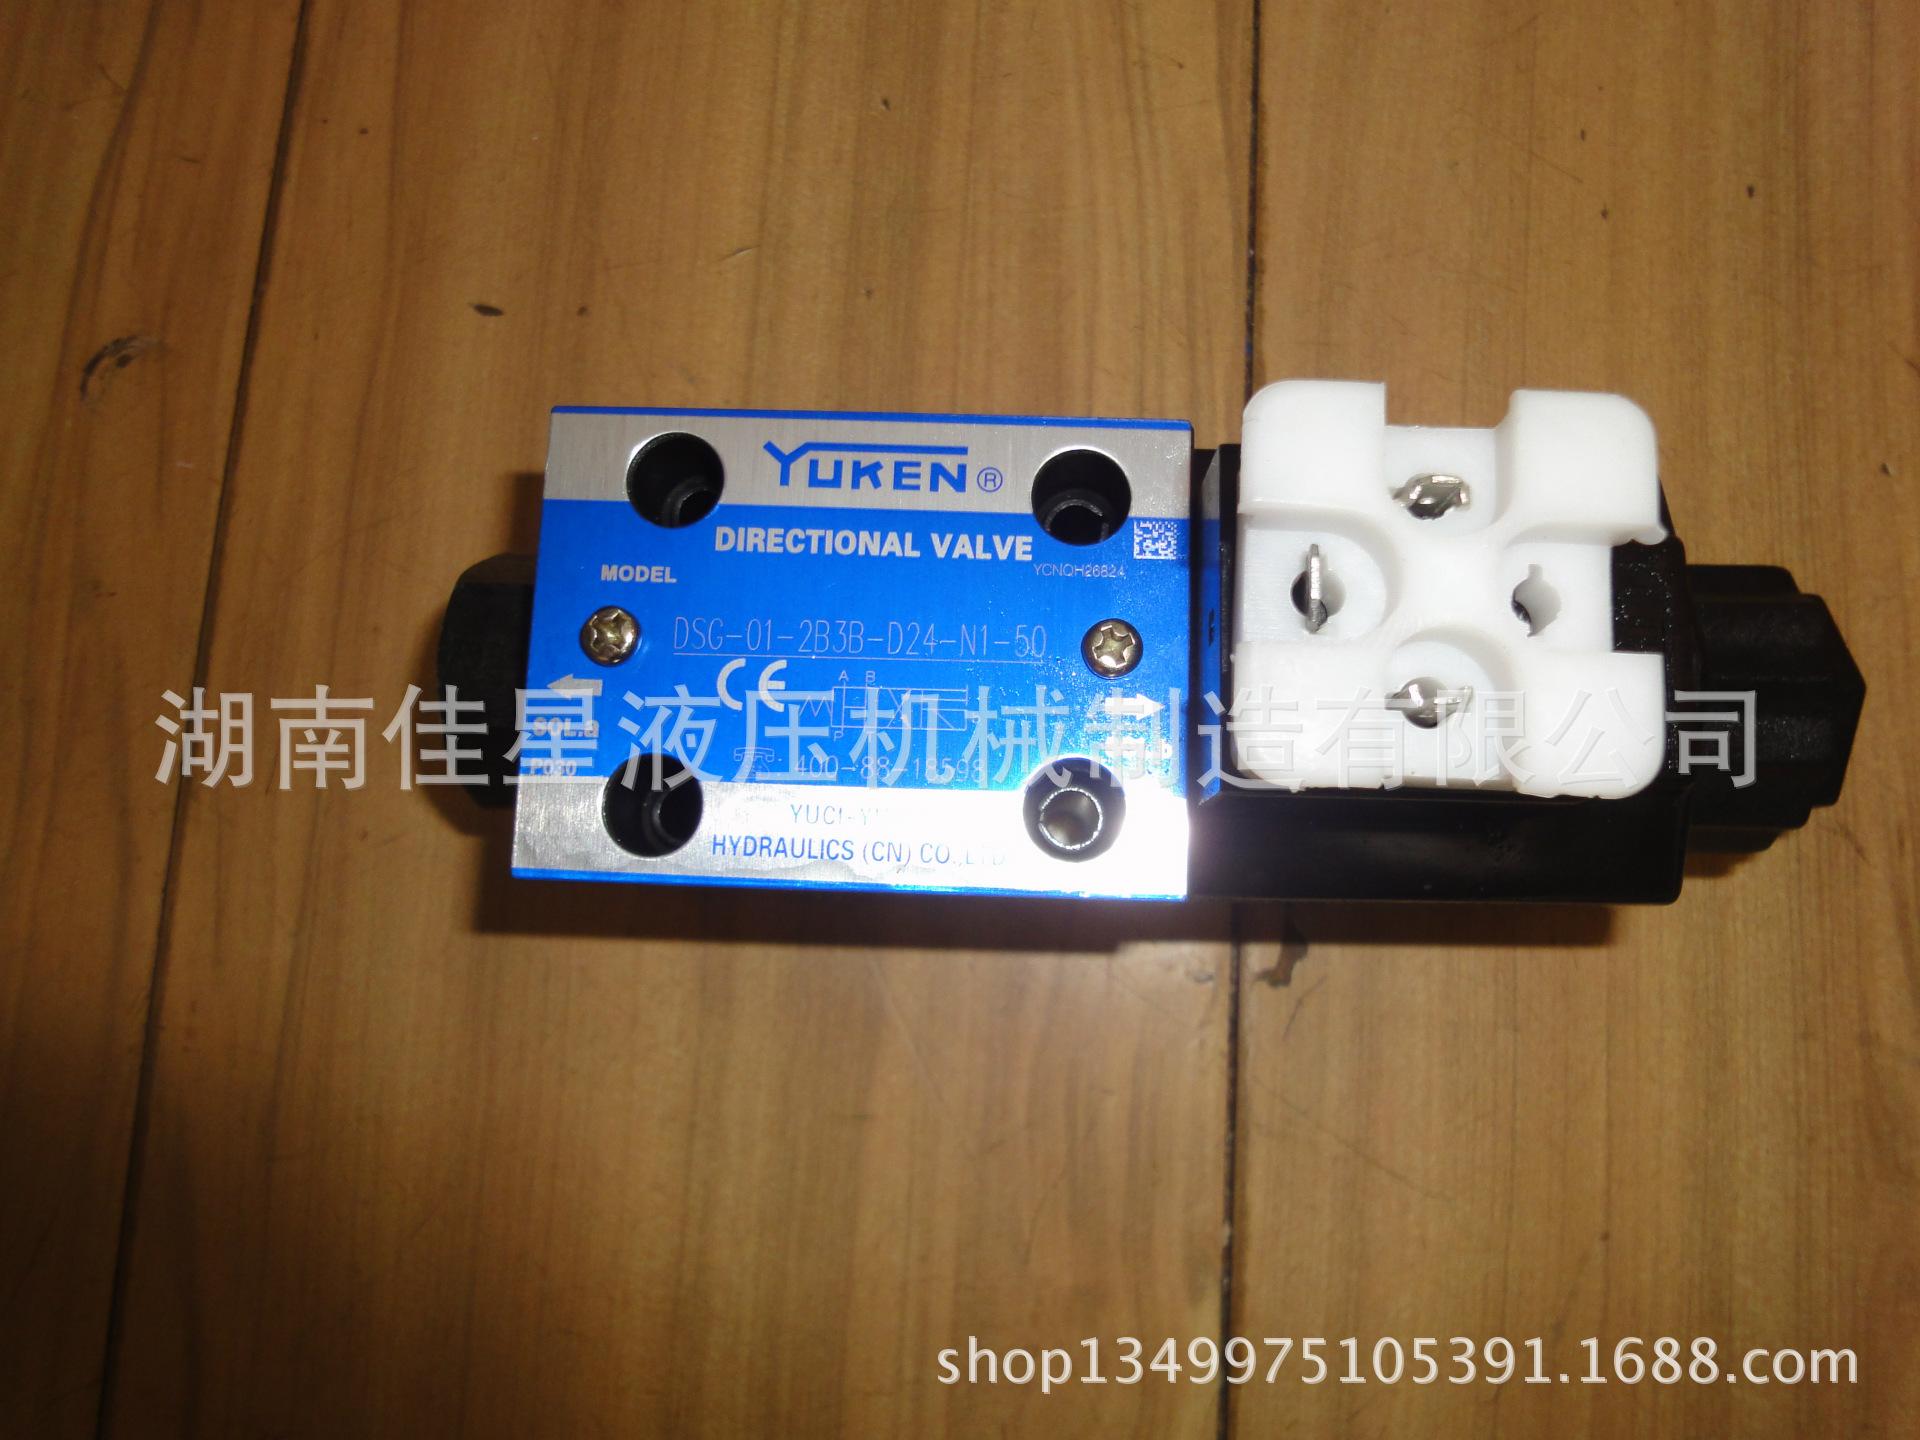 湖南供应YUKEN 油研型电磁换向阀DSG-01-2B60B-A240-50